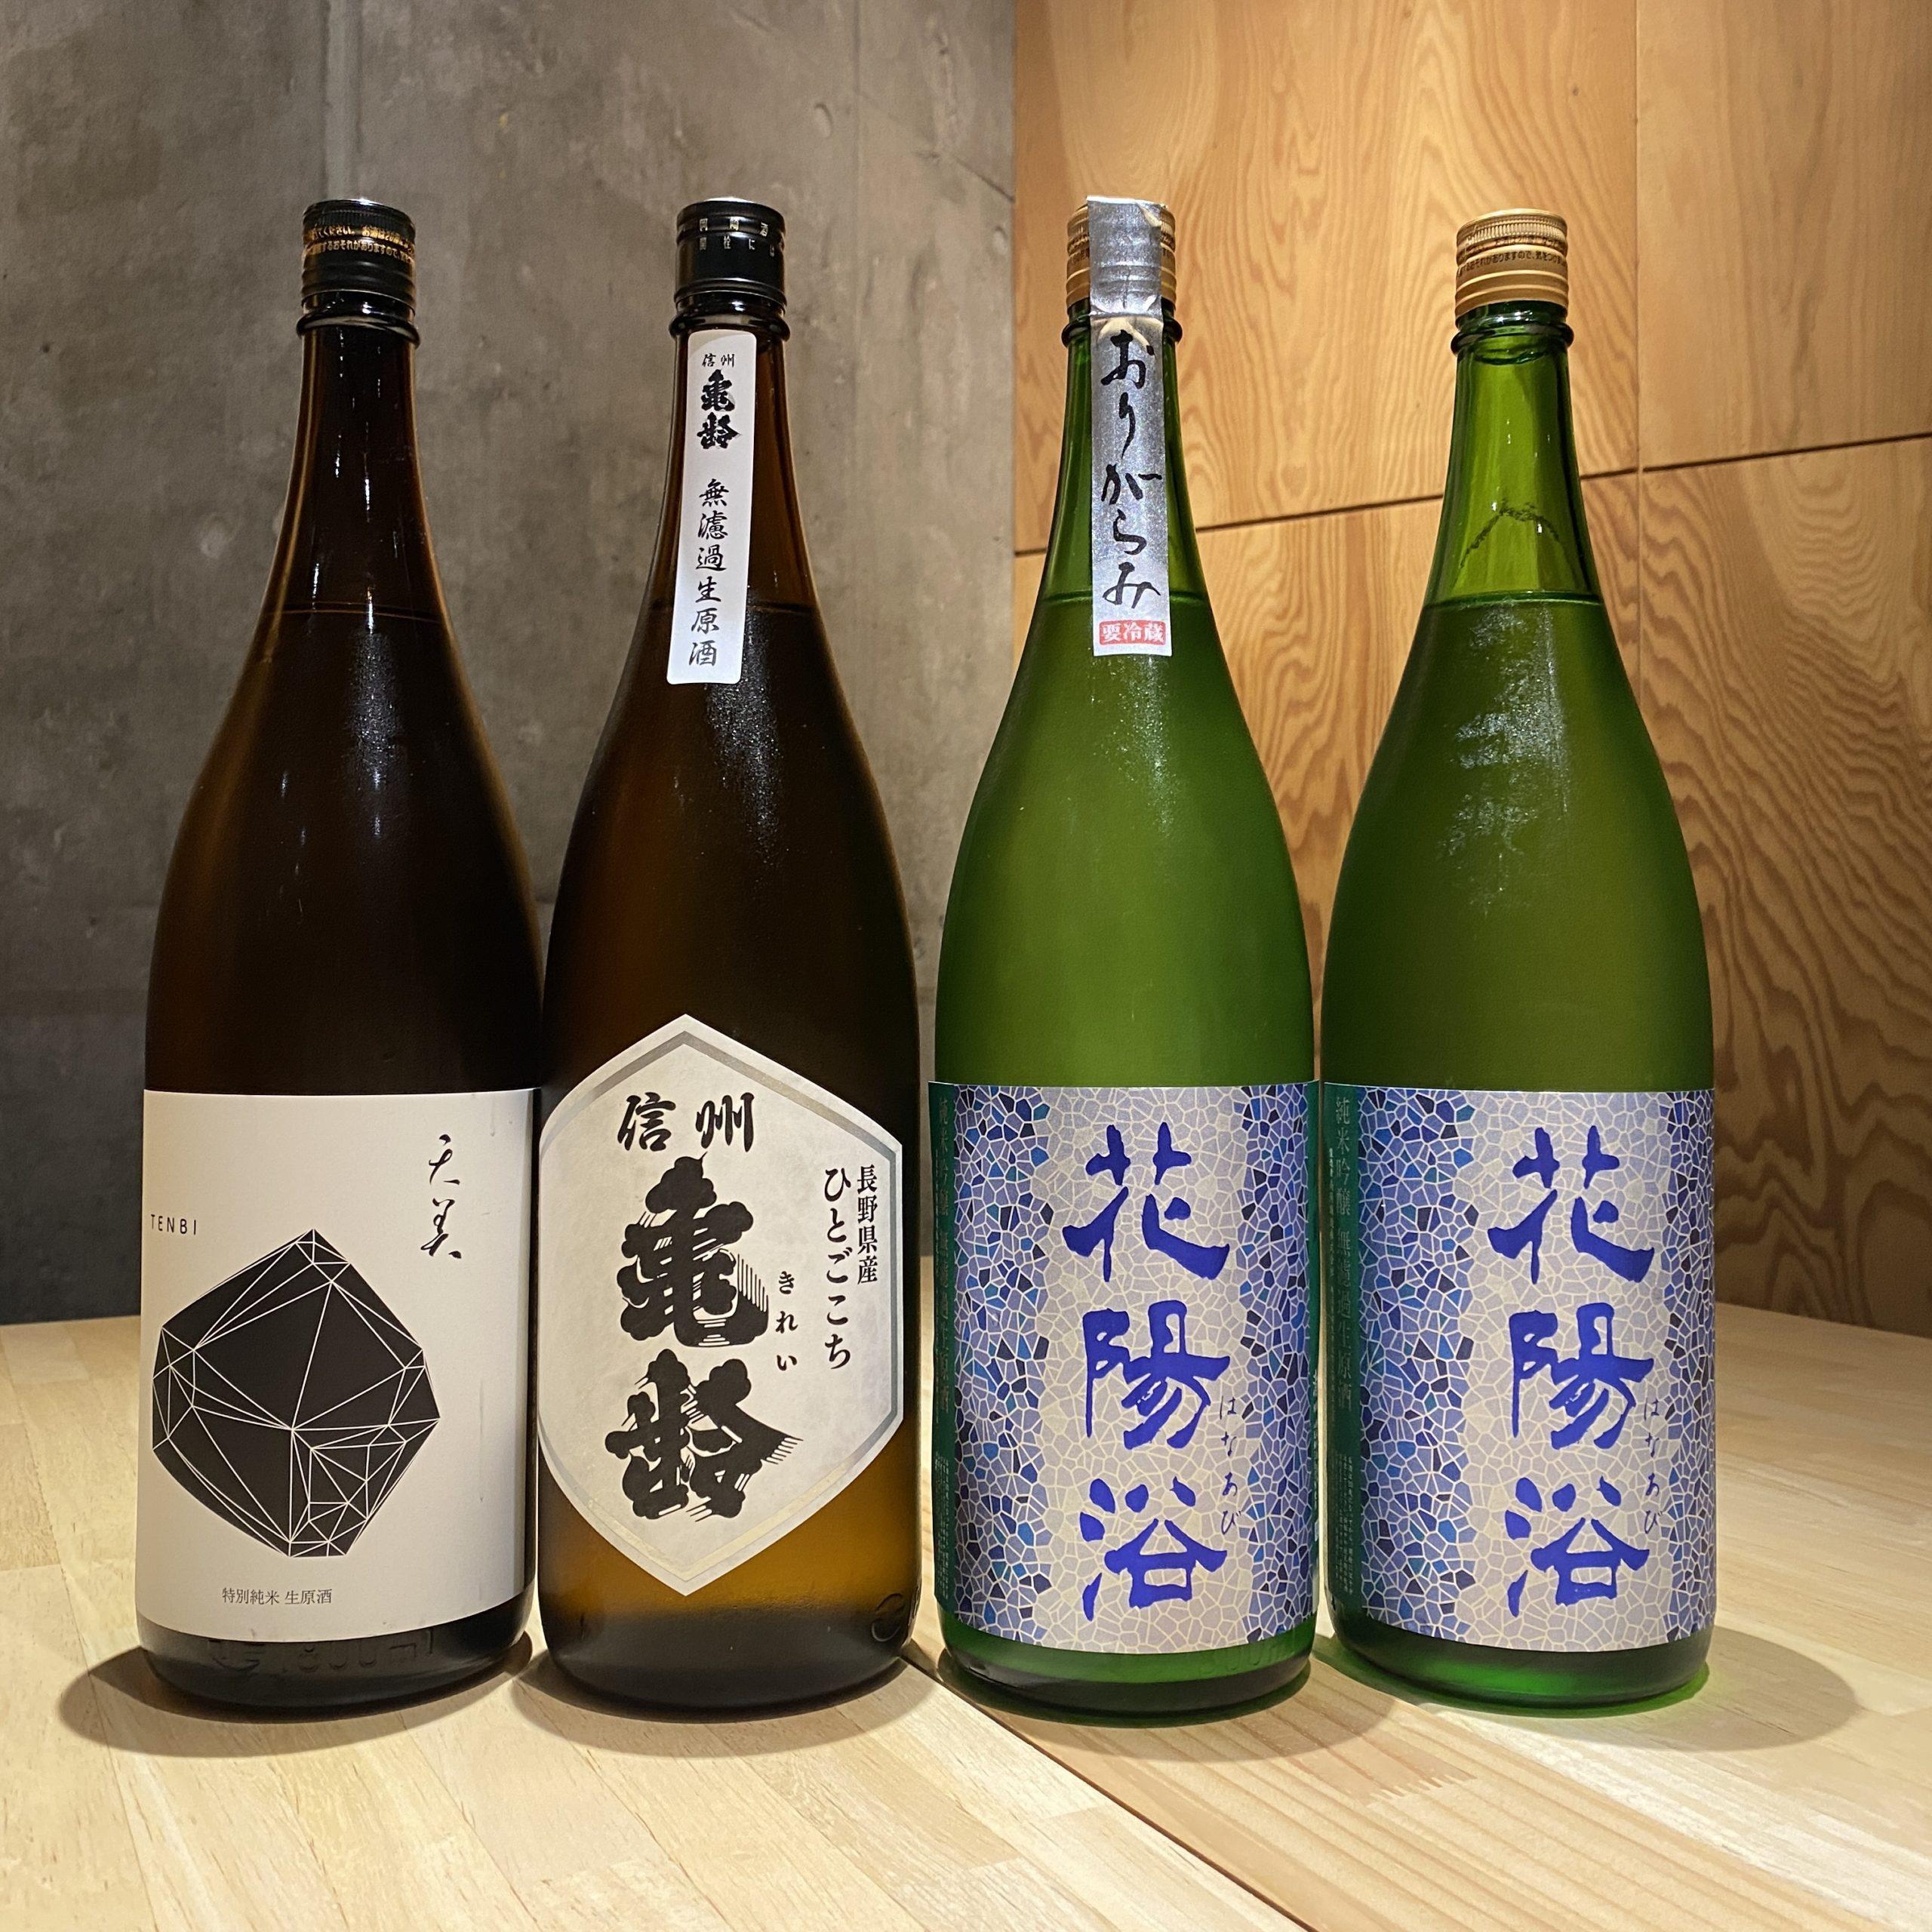 11月27日(金)の新着酒